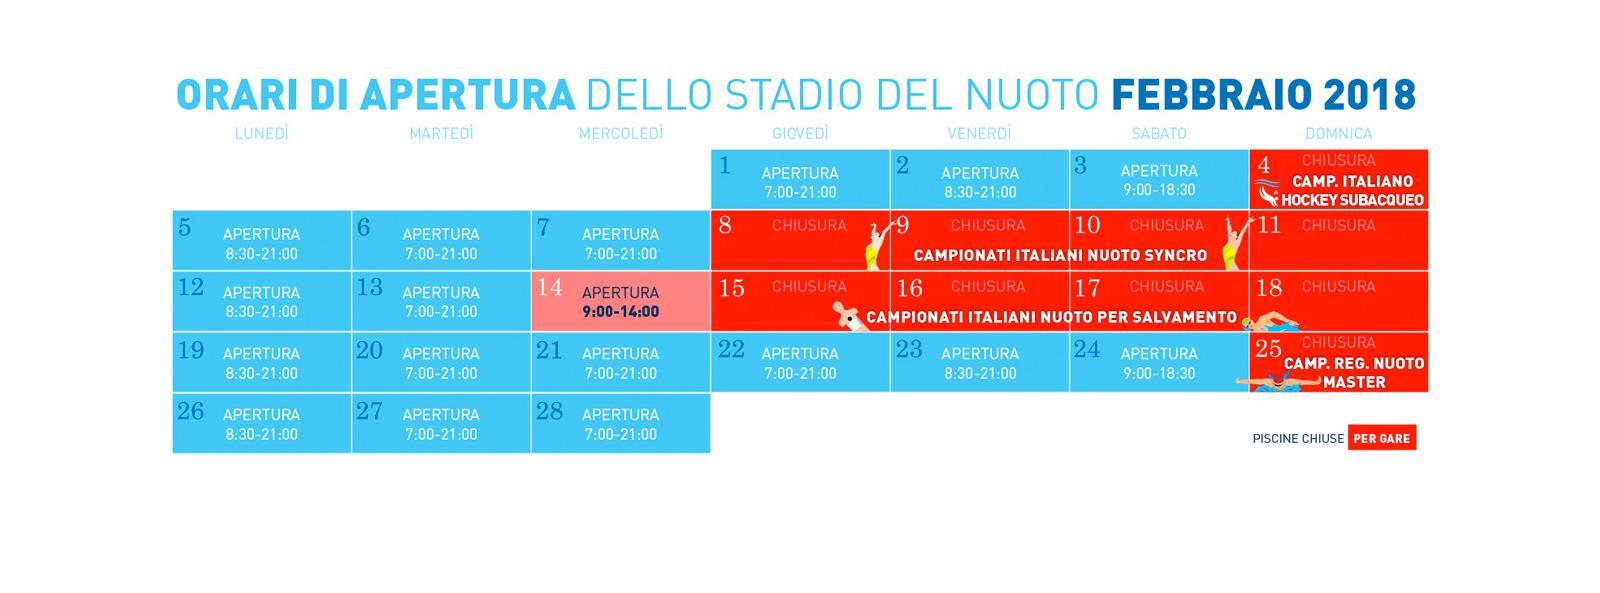 Fin Nuoto Calendario Gare.Stadio Del Nuoto Riccione